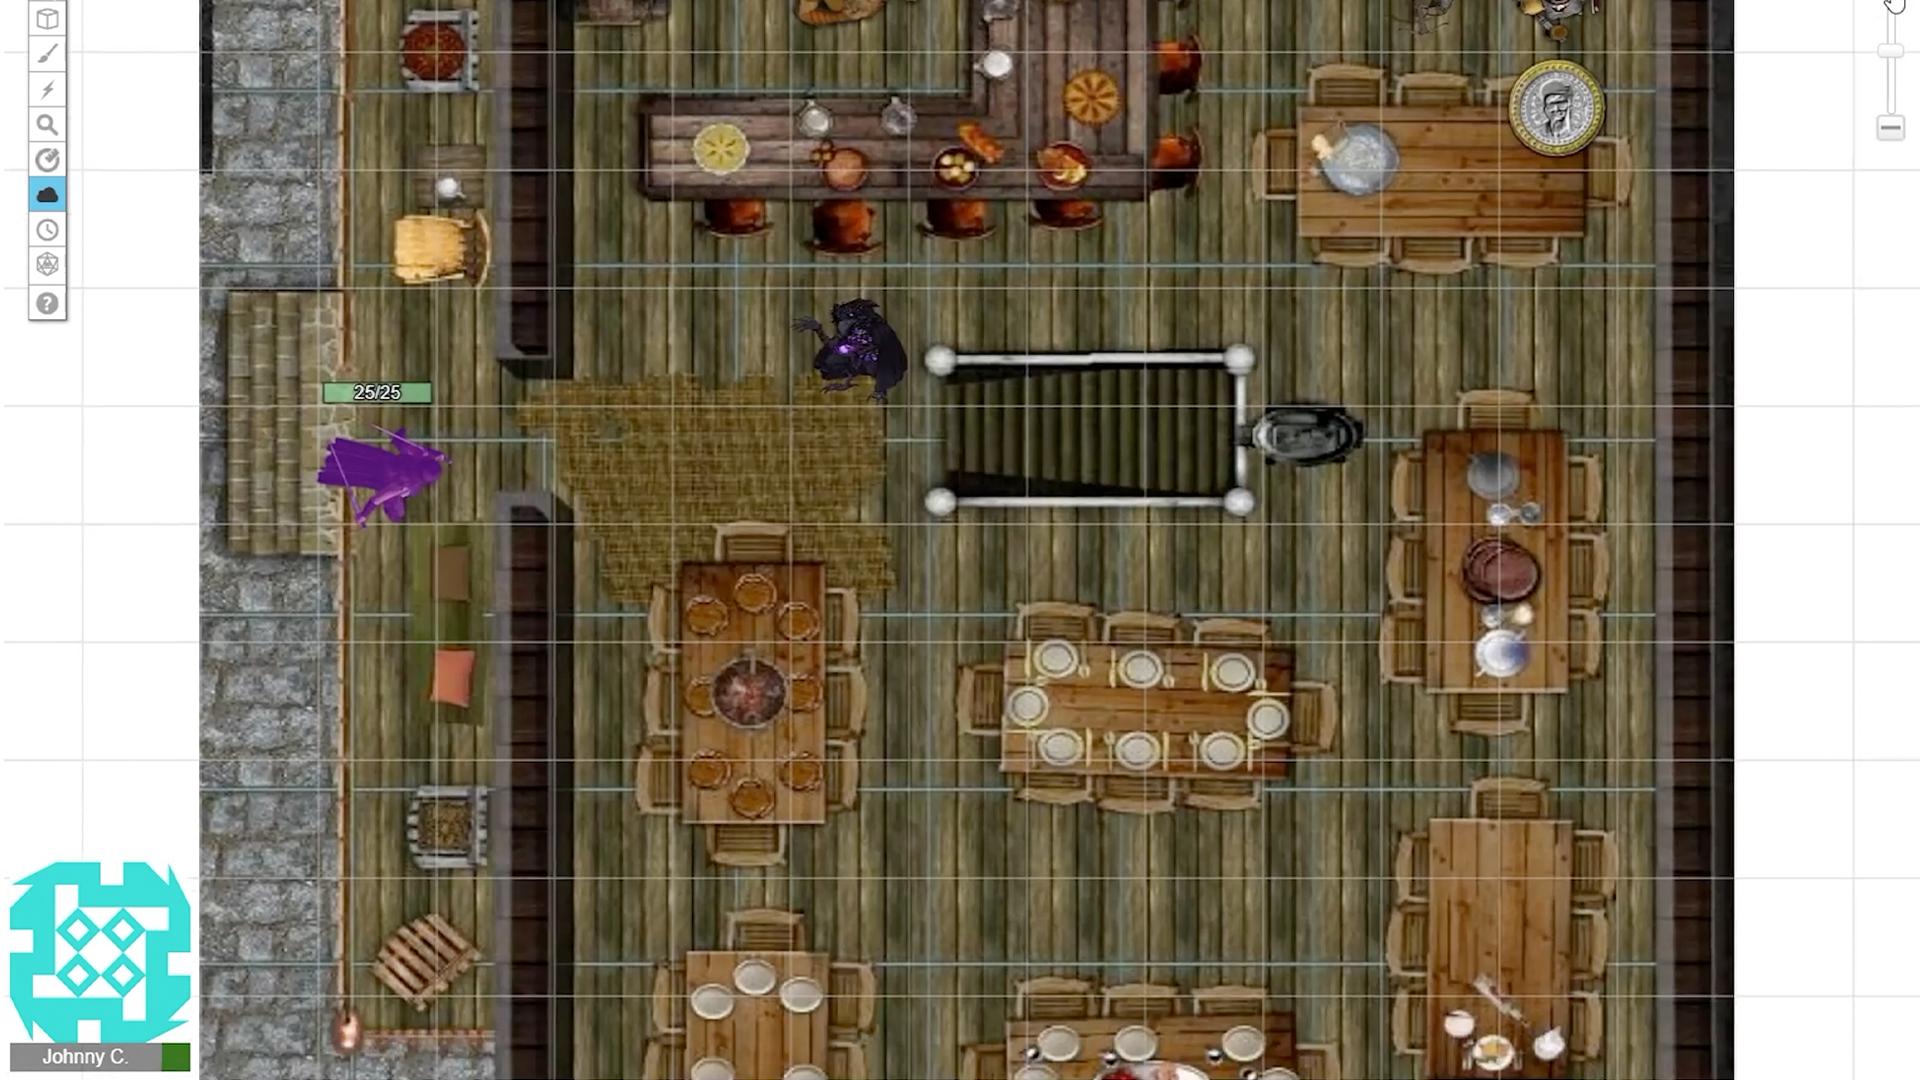 roll20-rpg-fizz-map-screenshot.png